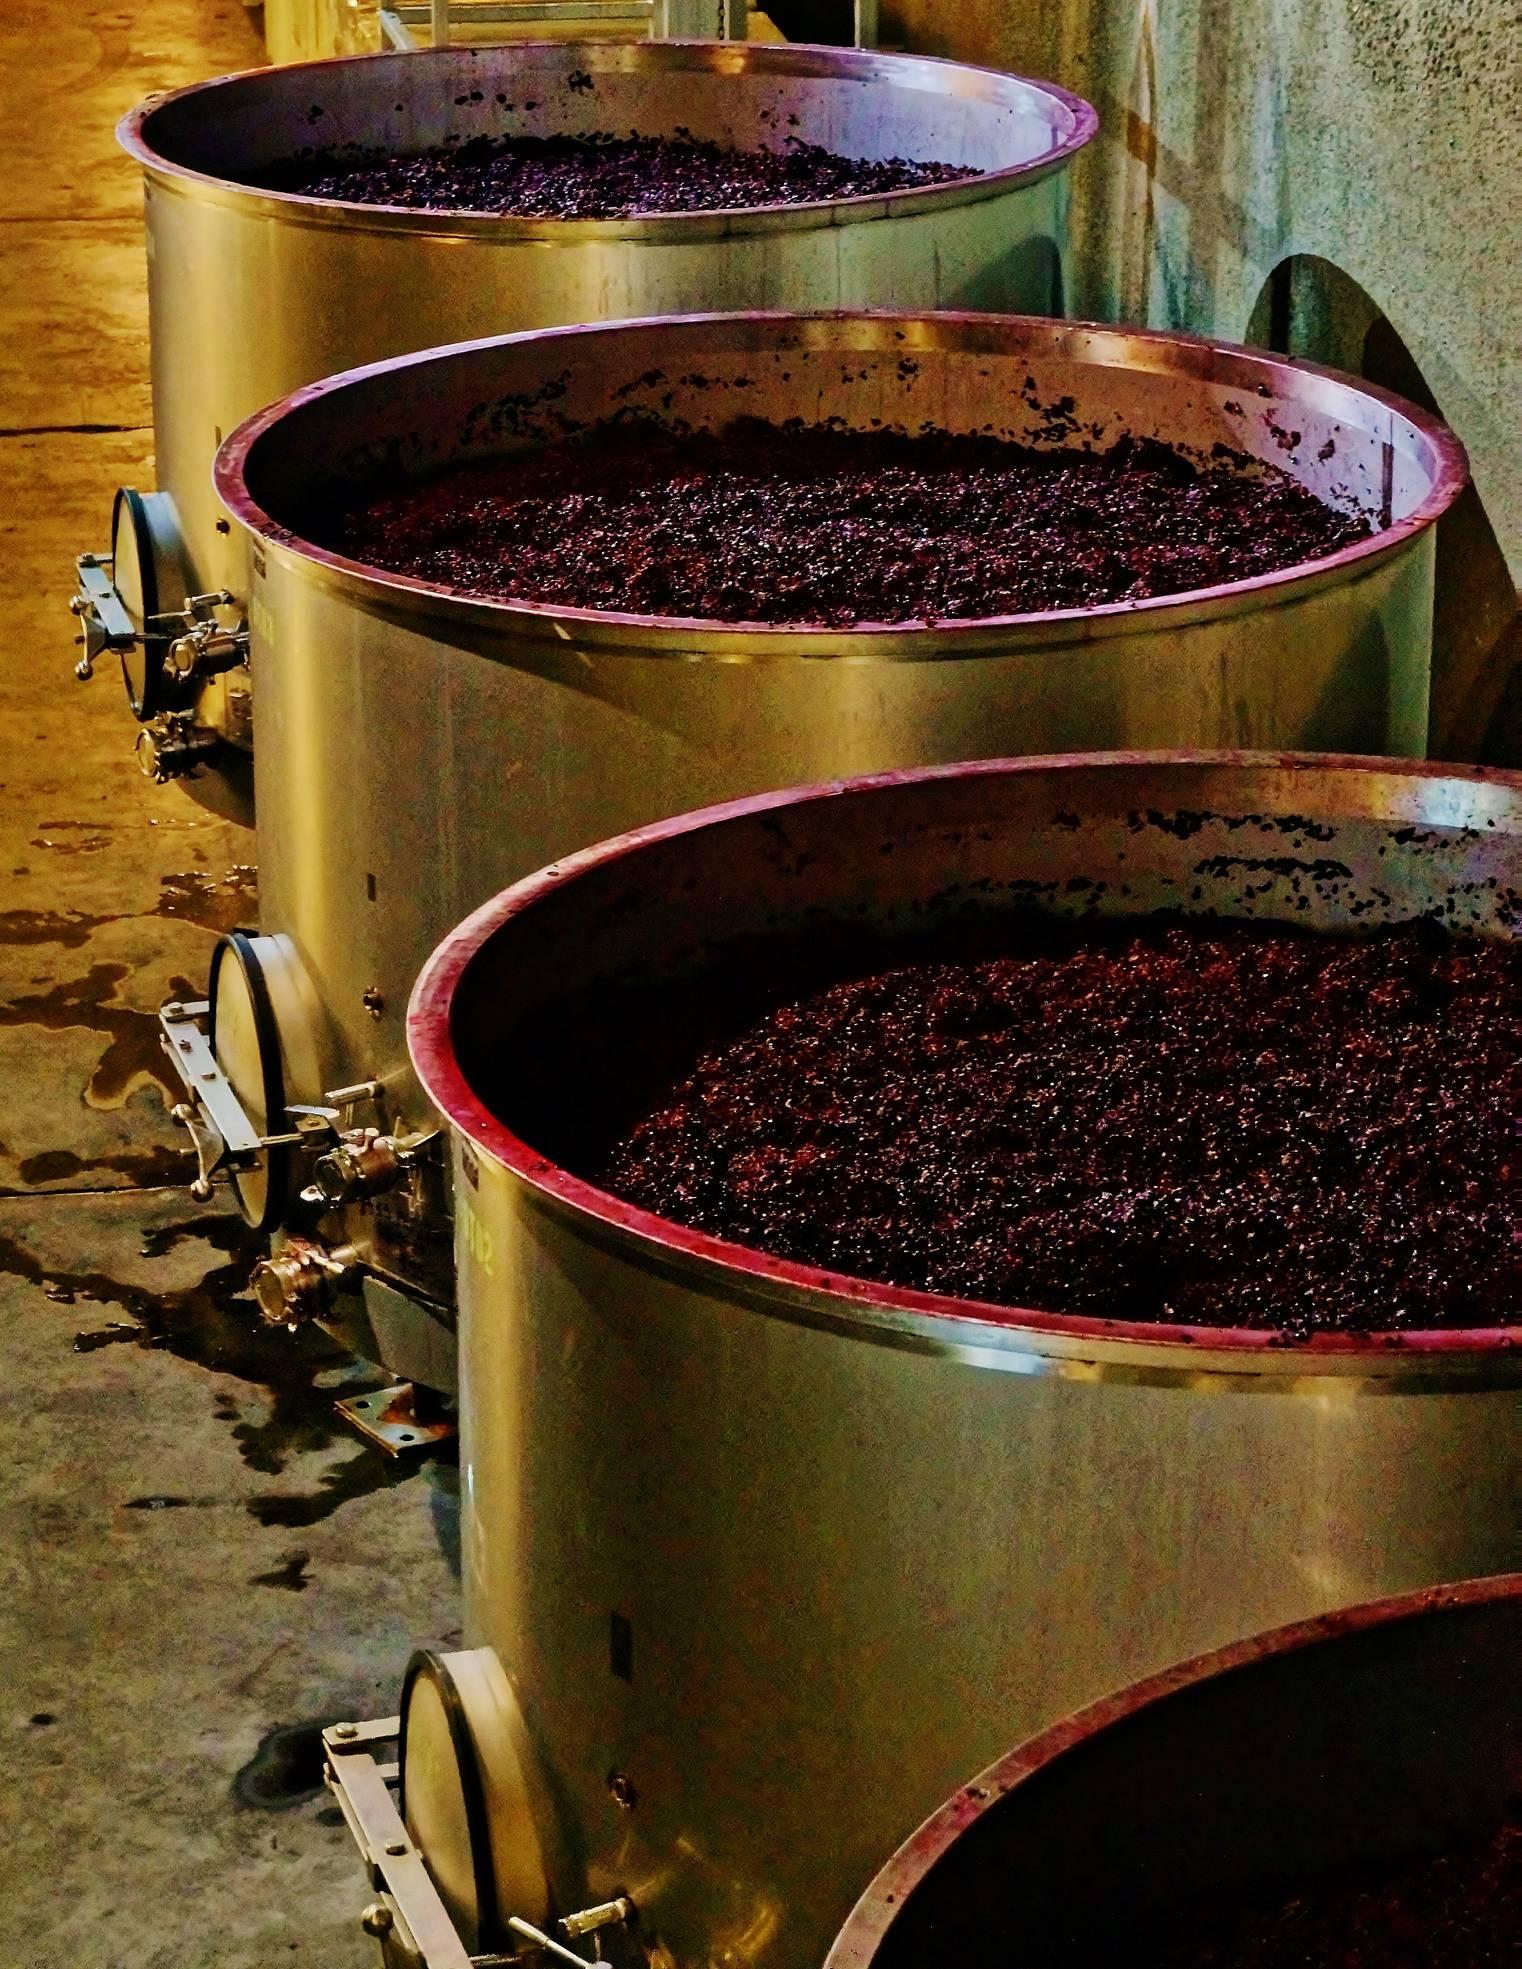 Des tonneaux remplis de raisins écrasés